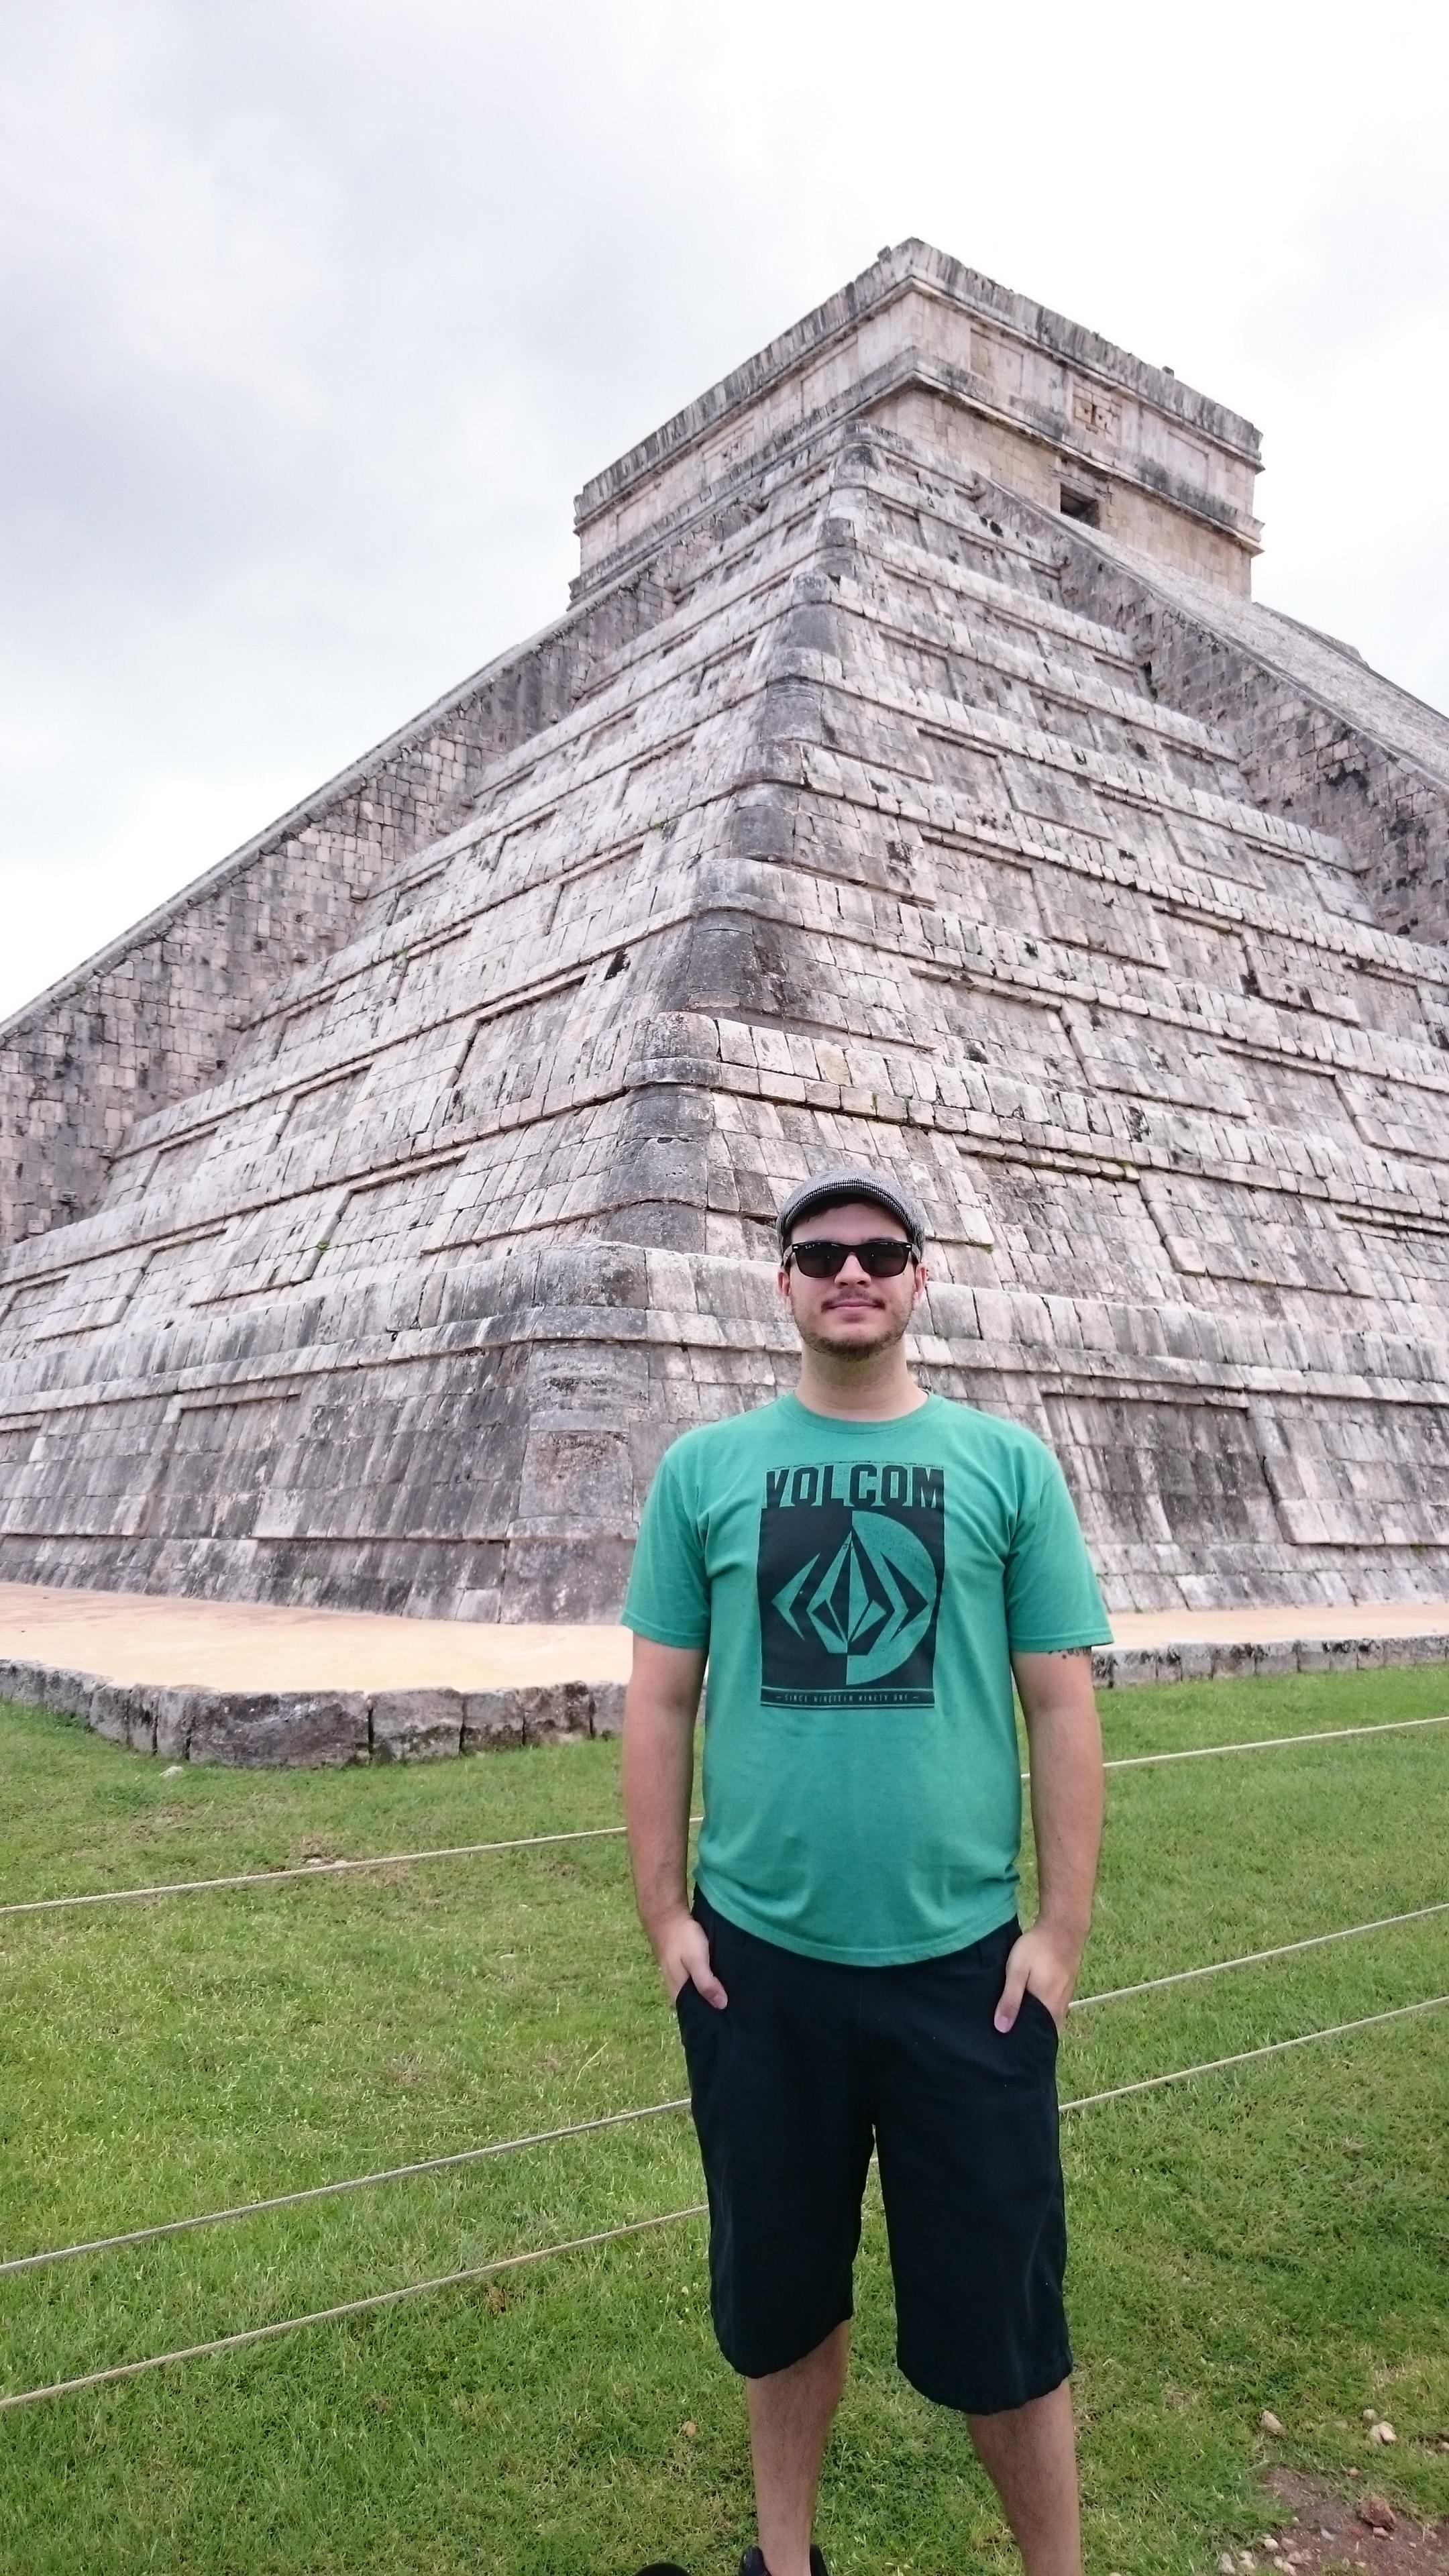 Me at the Chichén Itzá pyramid